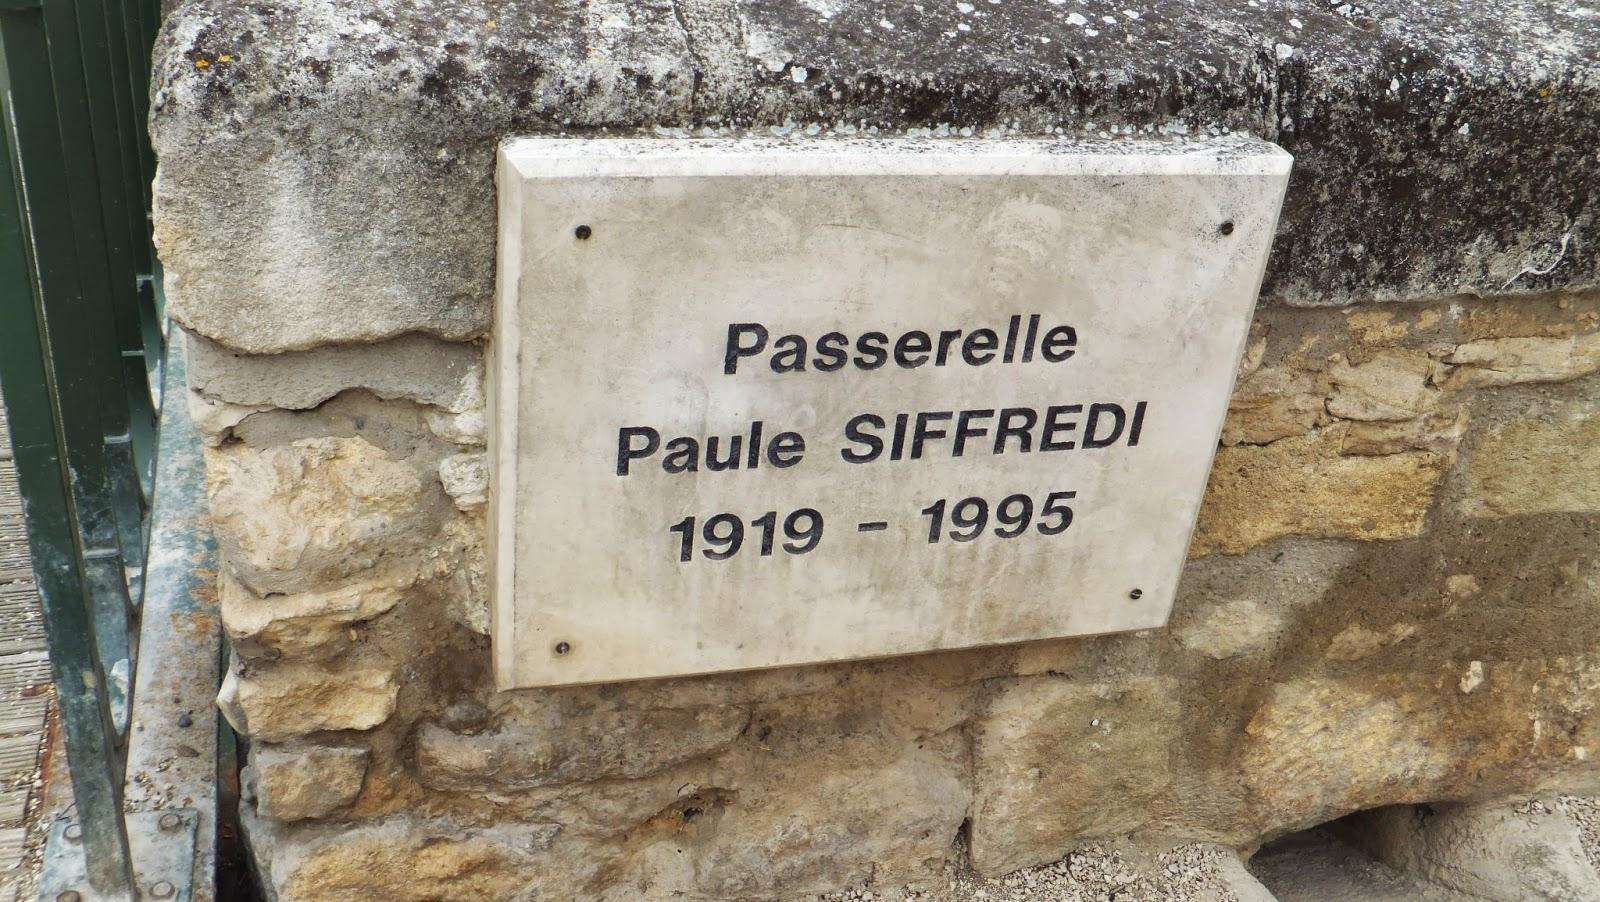 Passerelle Paule Siffredi, La Sorgue, Provenza, Elisa N, Blog de Viajes, Lifestyle, Travel